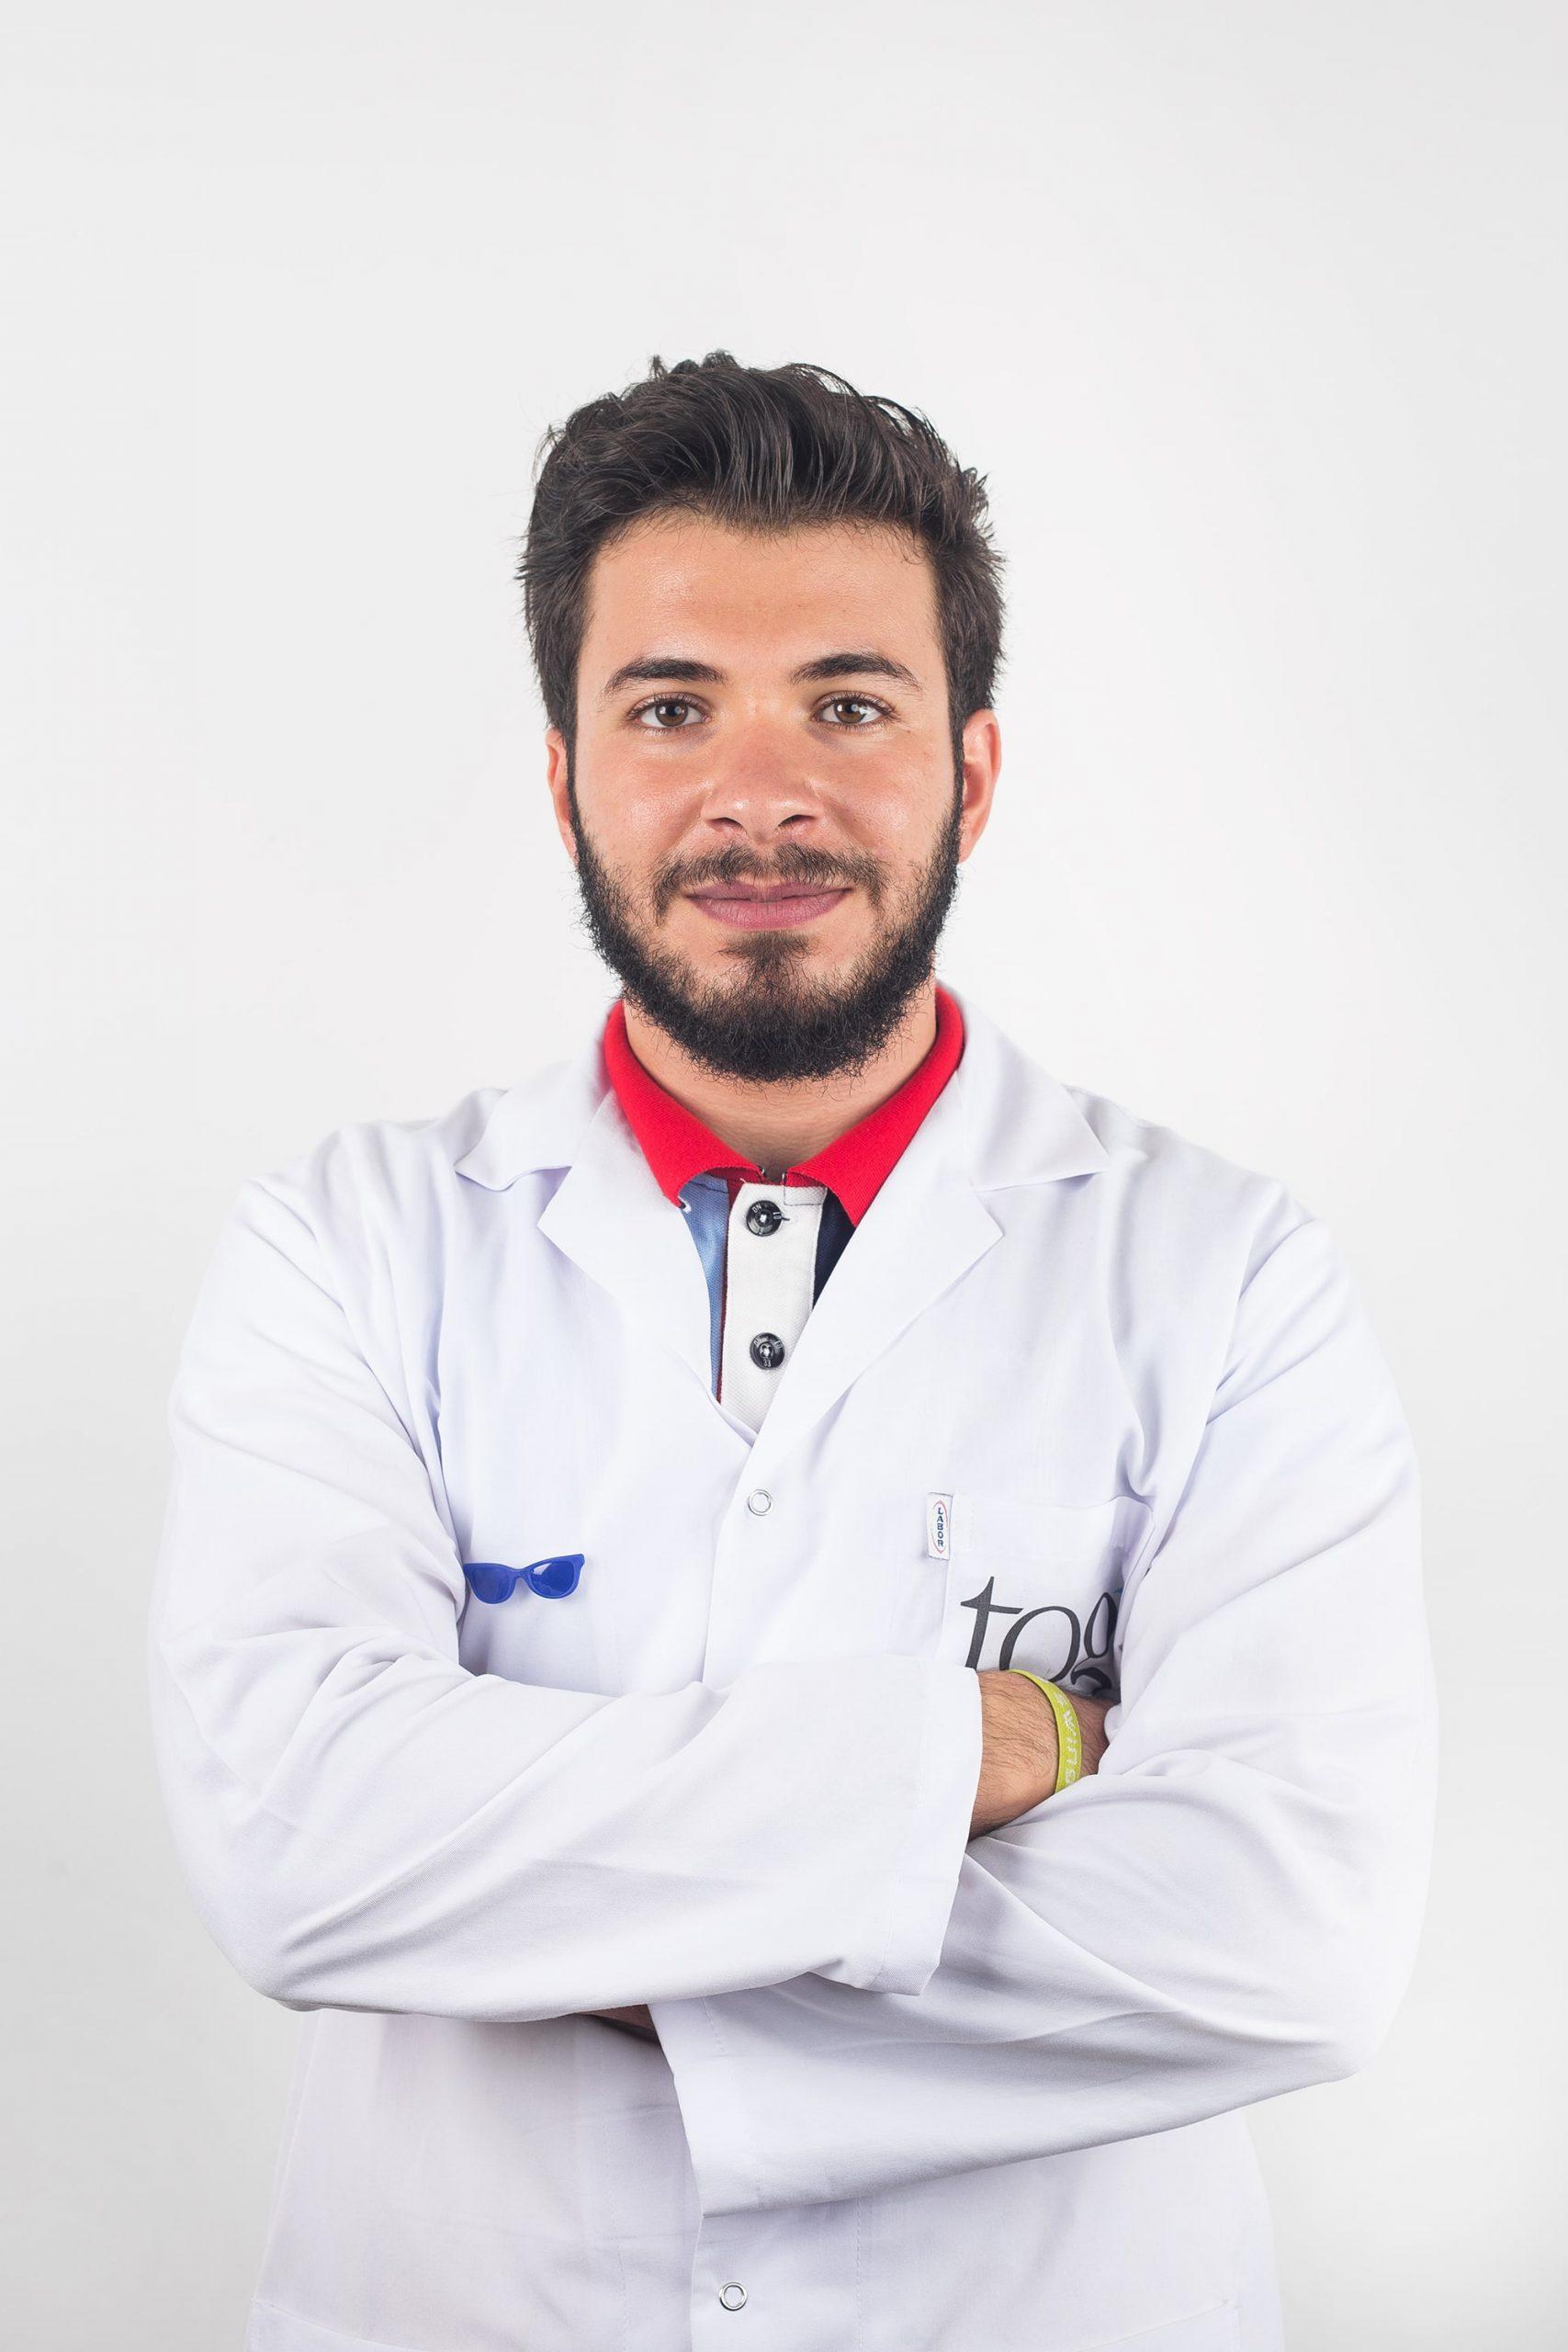 بهاء الدين كمال خوجة 63-min